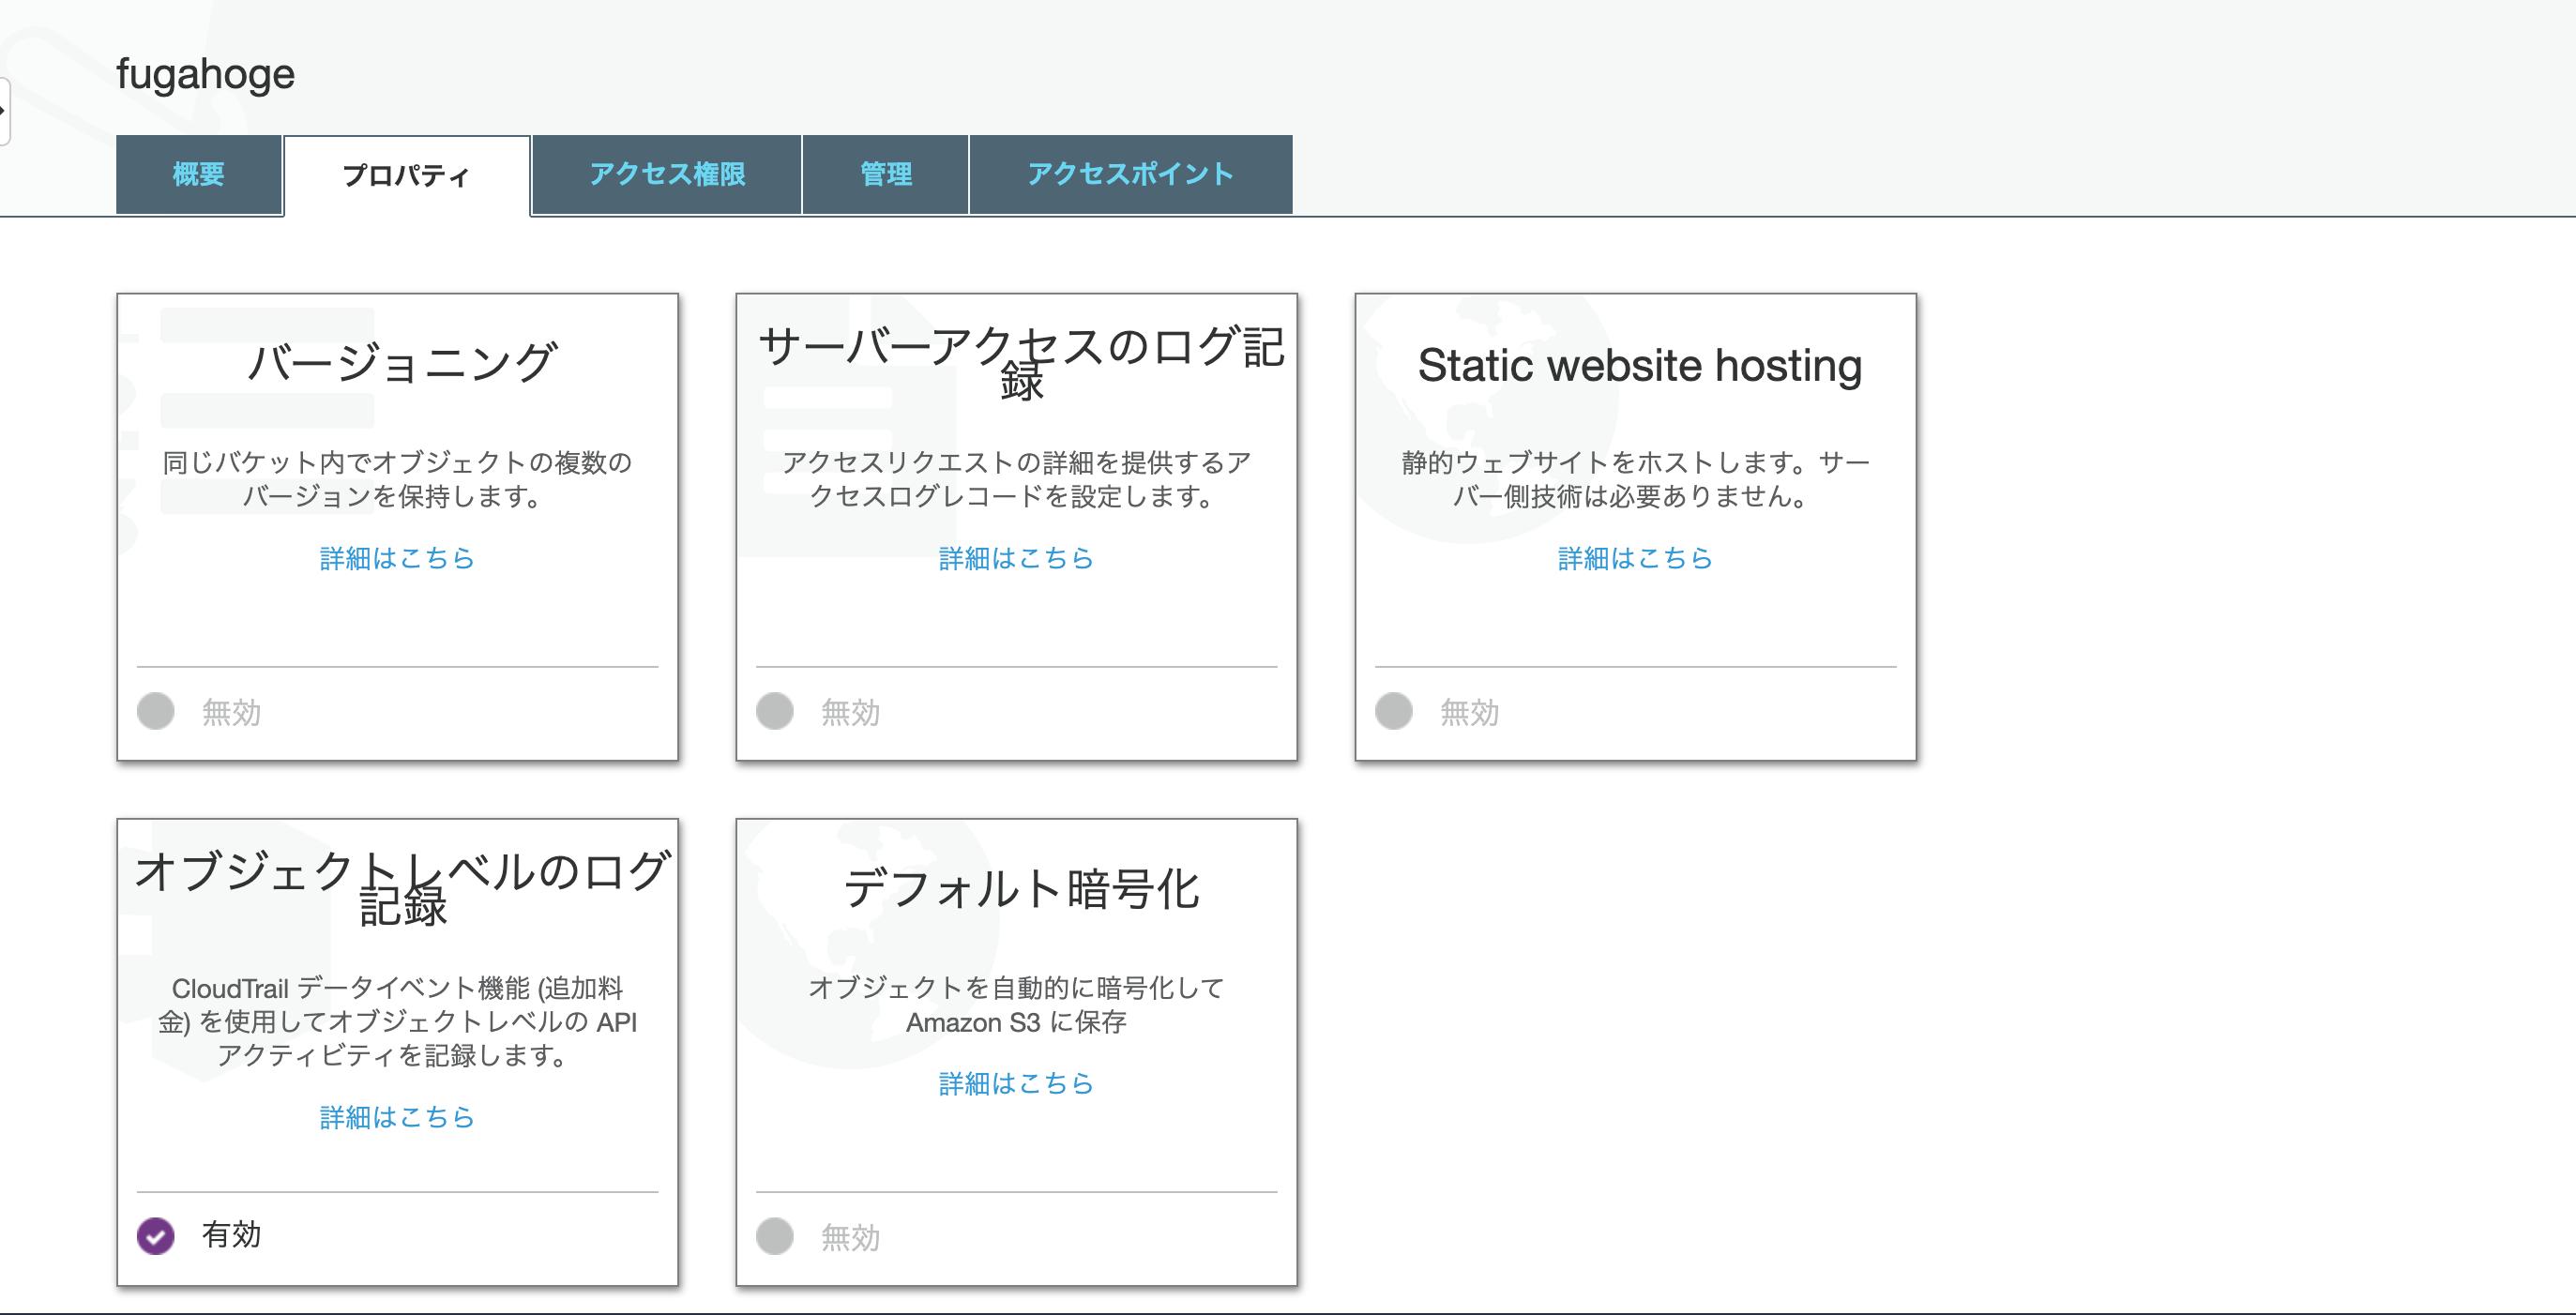 スクリーンショット 2020-01-14 12.23.32.png